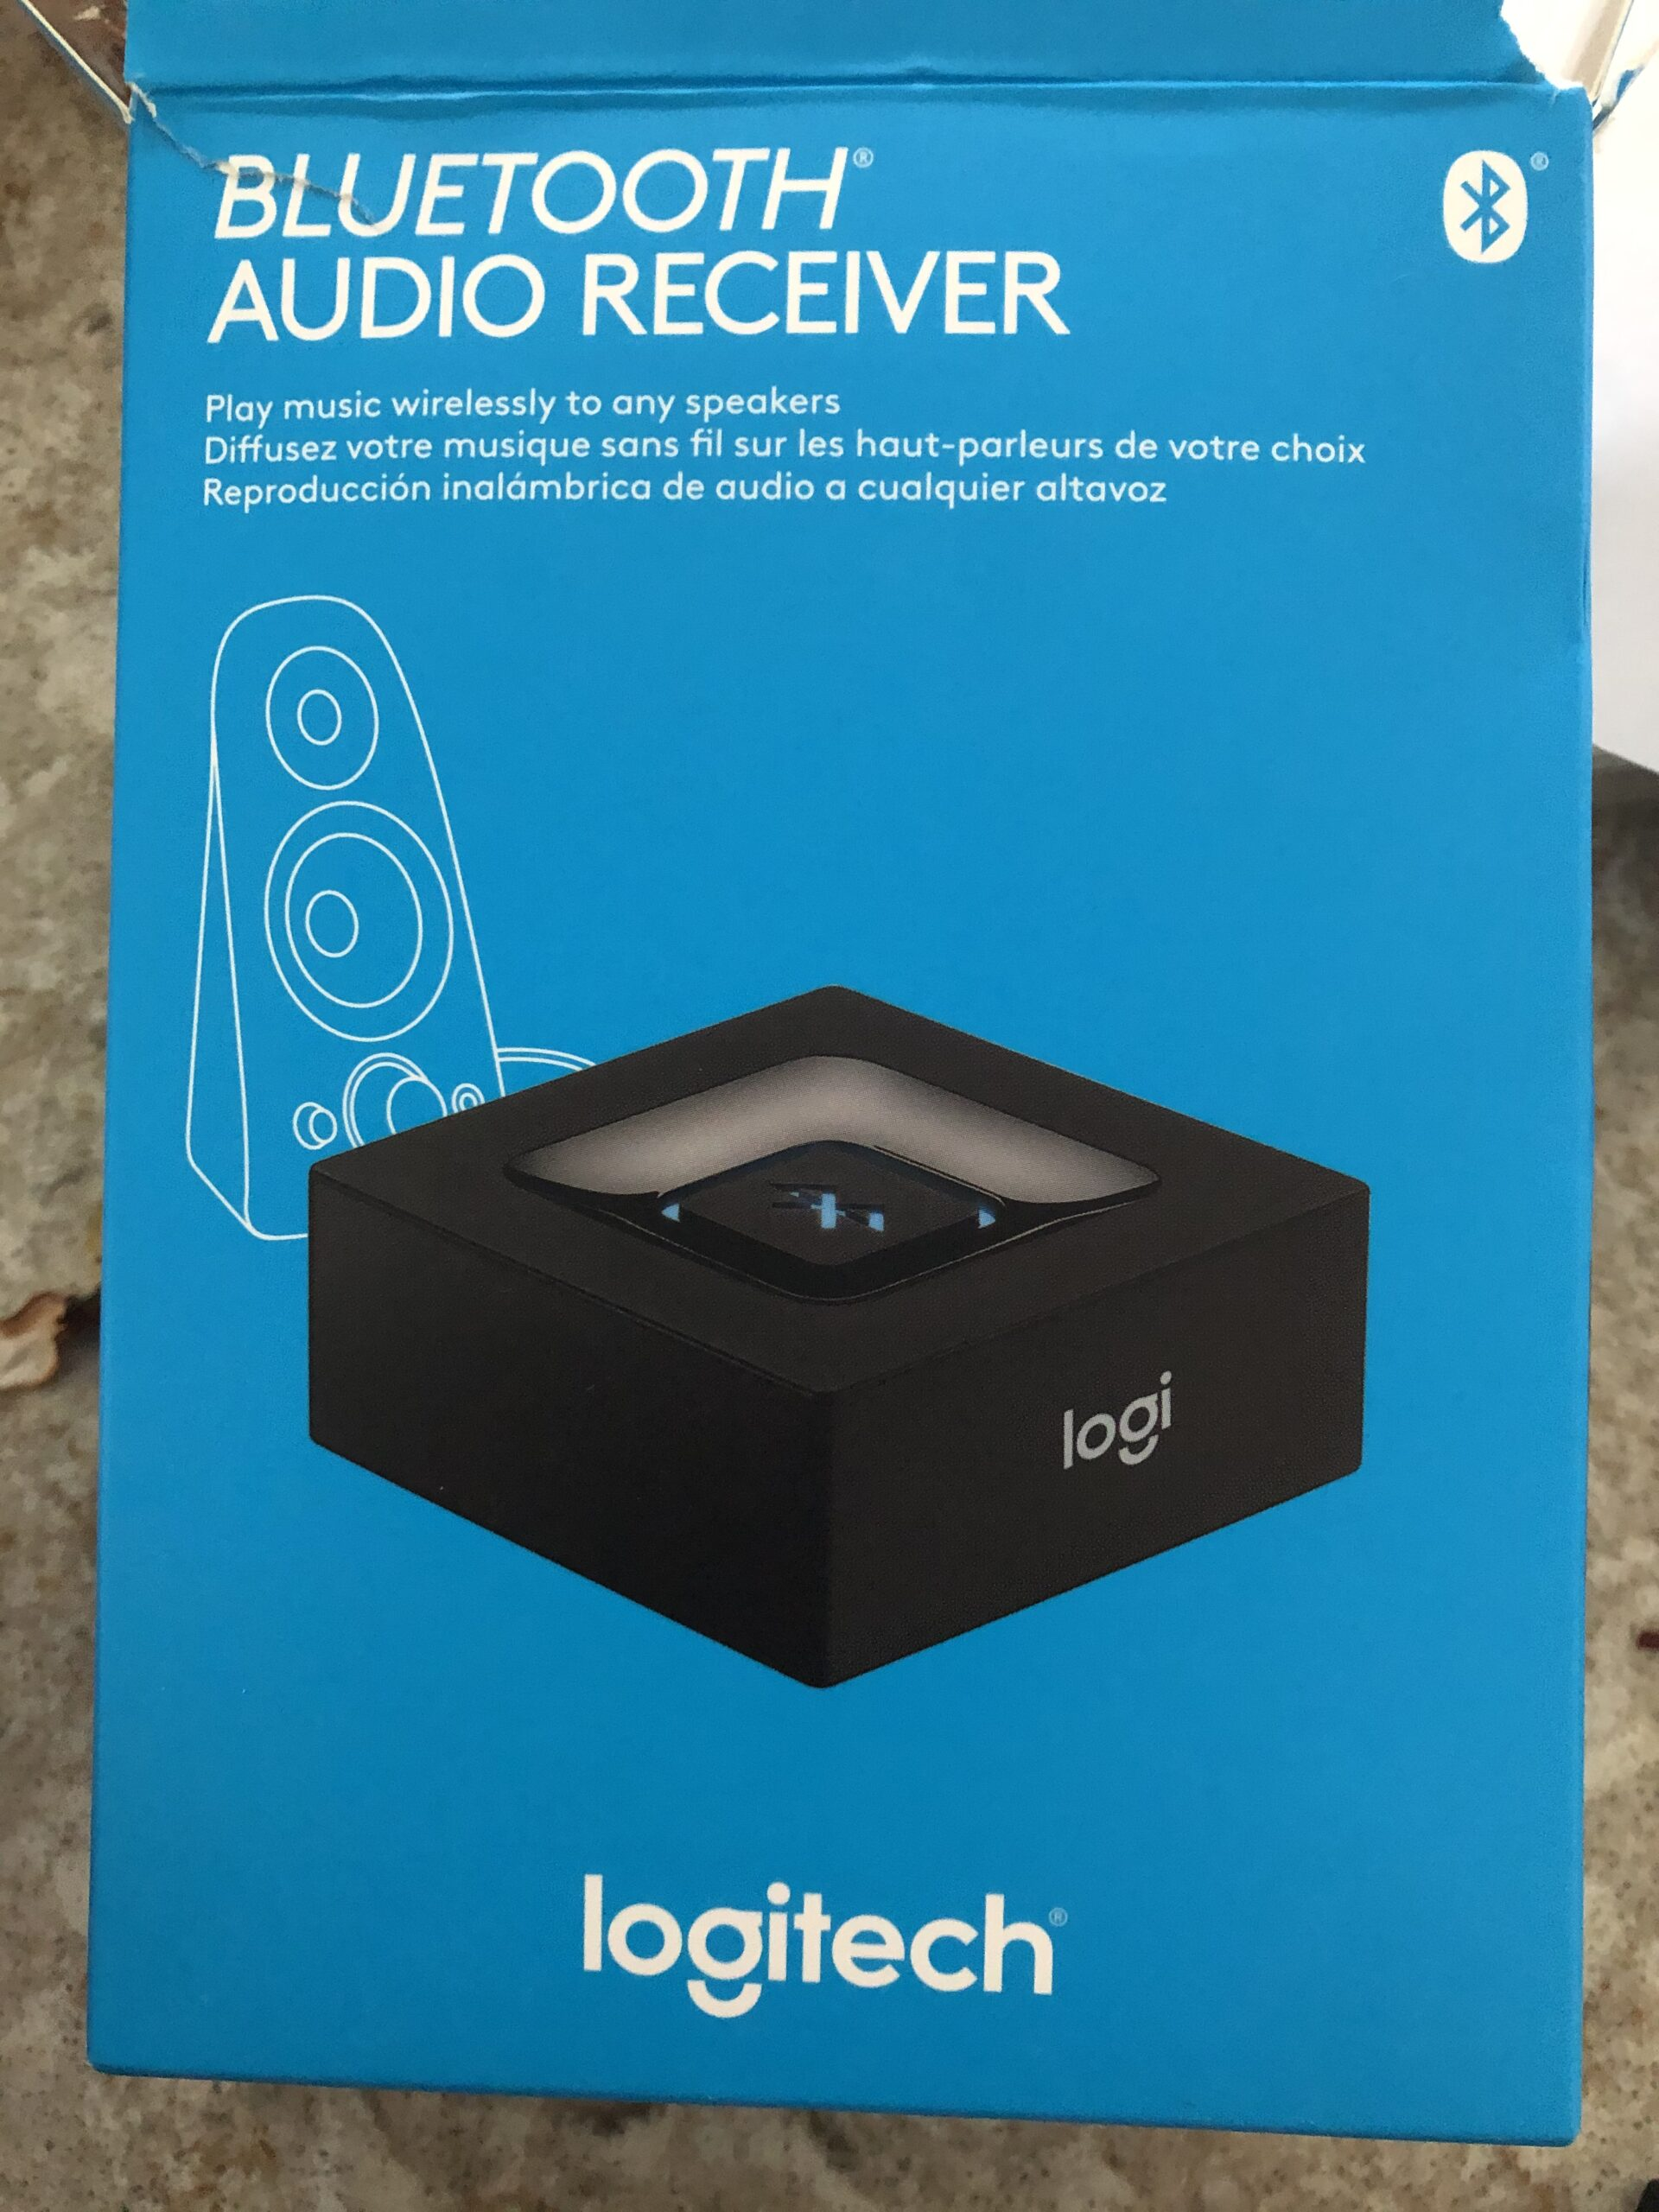 Logitech Bluetooth Audio Adapter, Logitech, Bluetooth